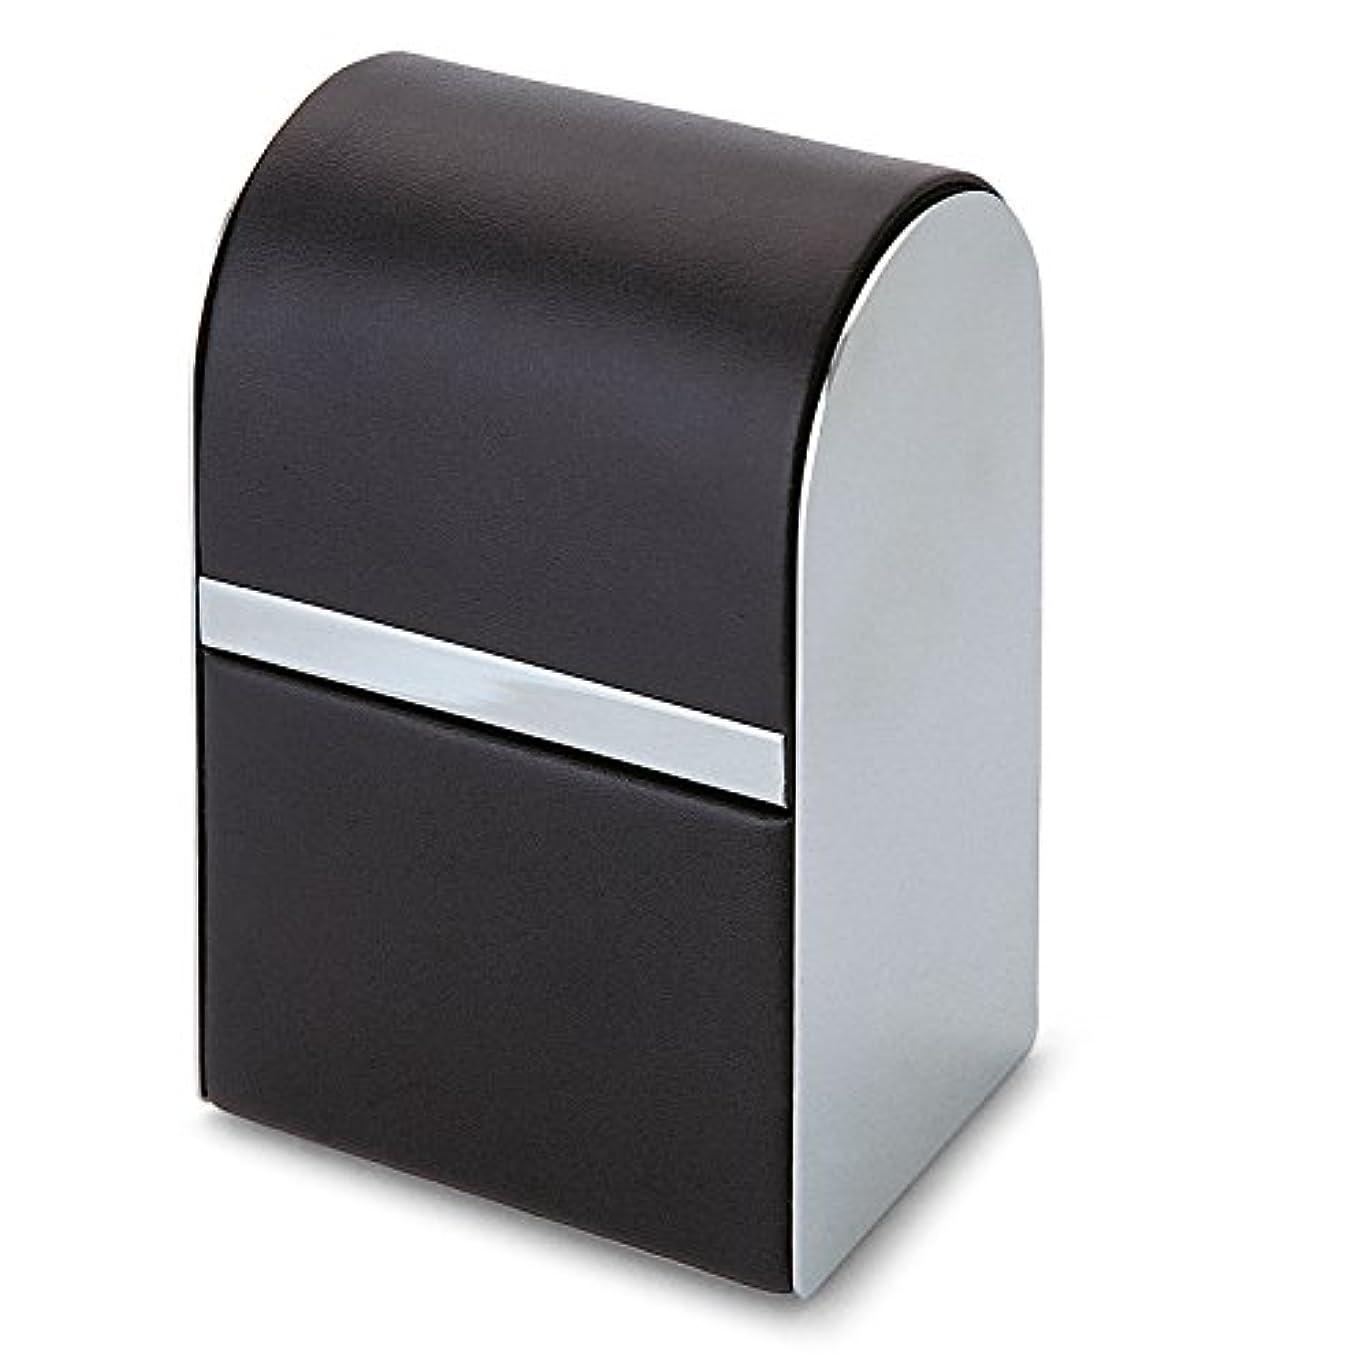 デッキラッチ魂Philippi Giorgio メンズ身だしなみキット 7pcsセット leather stainless polished